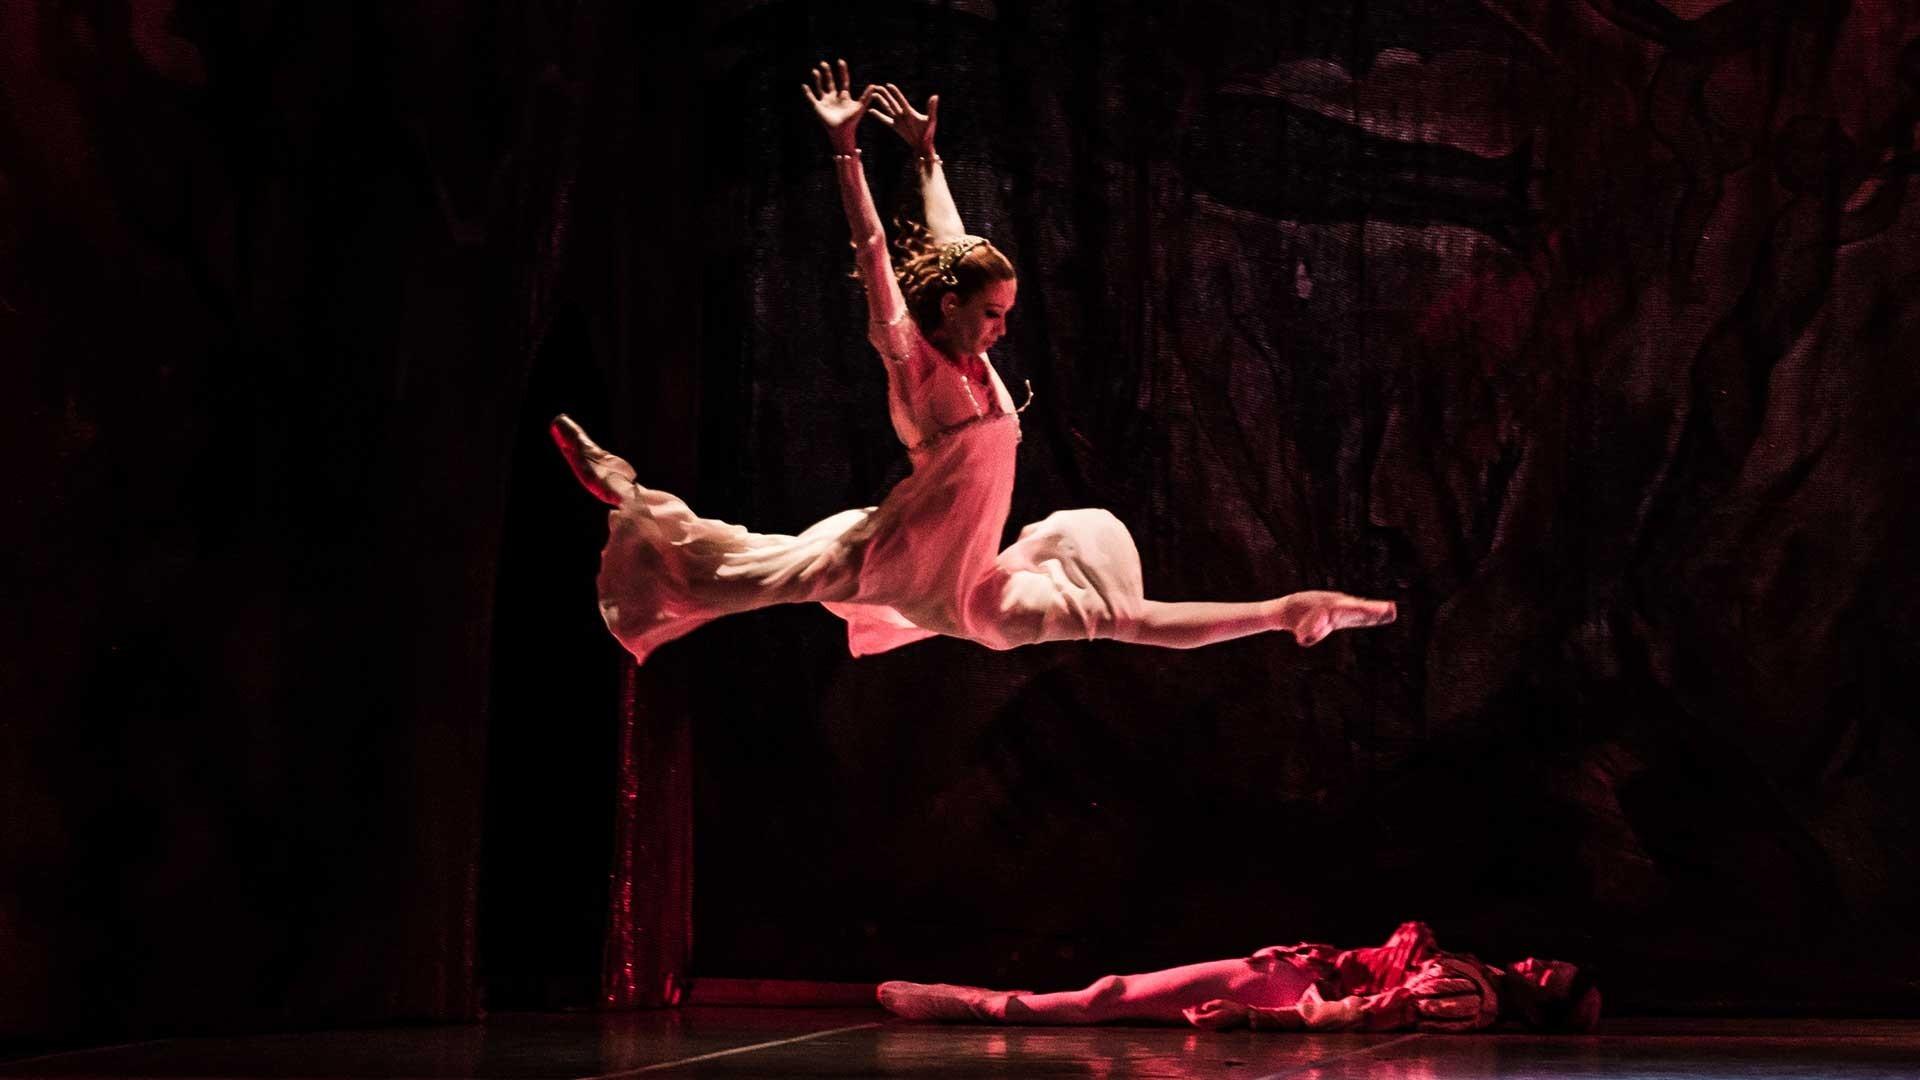 Ромео и Джульетта. Государственный академический театр классического балета Н. Касаткиной и В. Василева